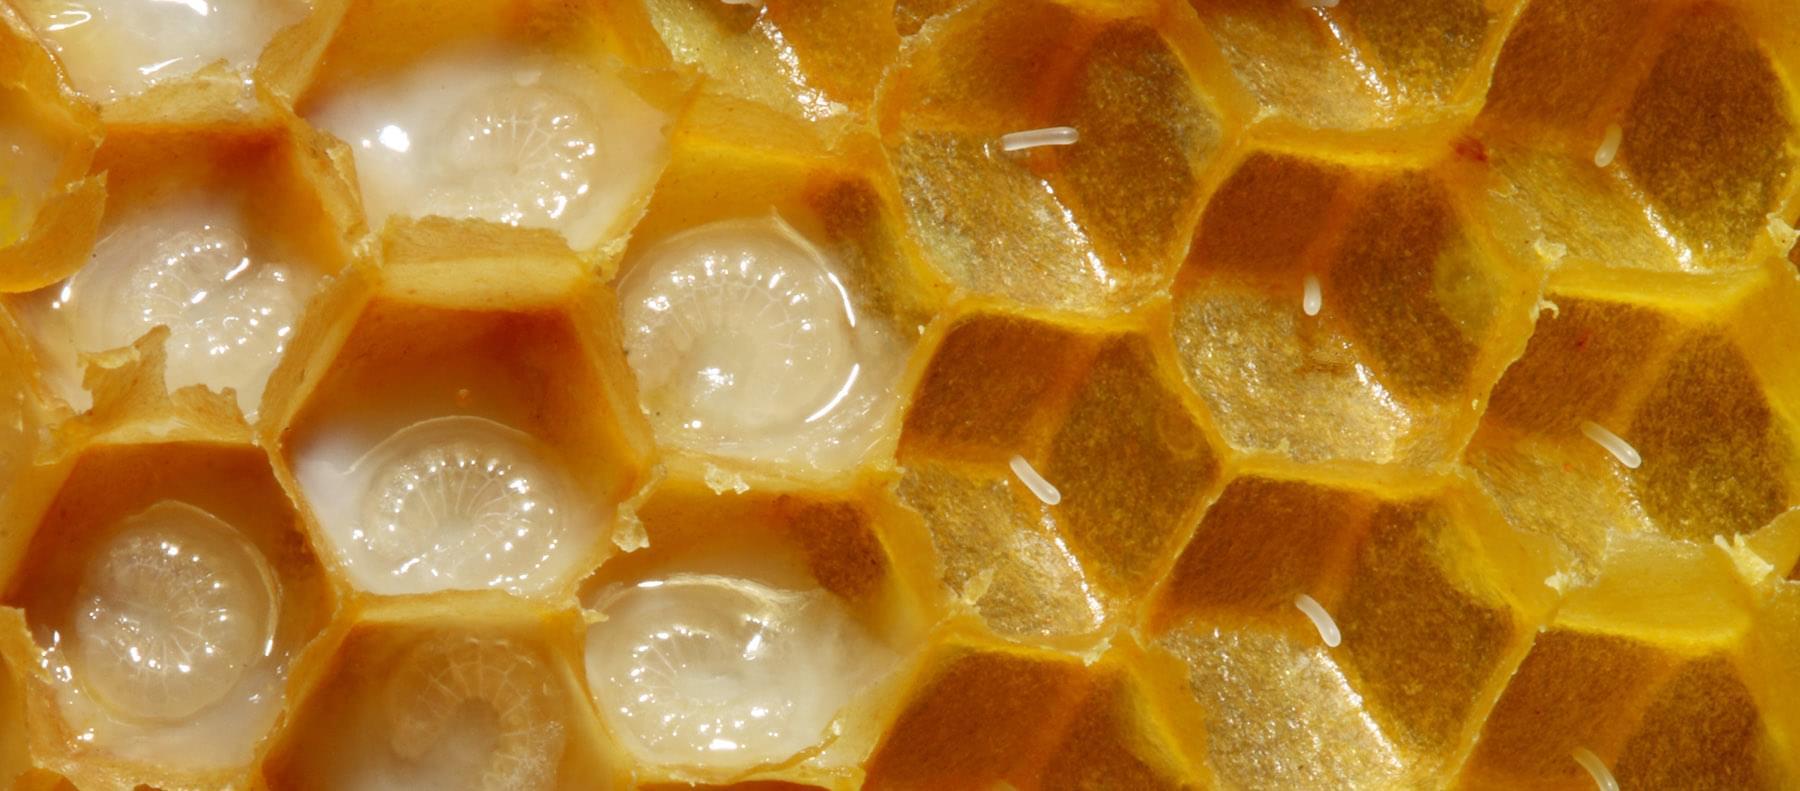 Справа видны яйца, только что отложенные маткой (засев). Слева — личинки вмолочке (непечатный расплод). Фото: Waugsberg / ru.wikipedia.org